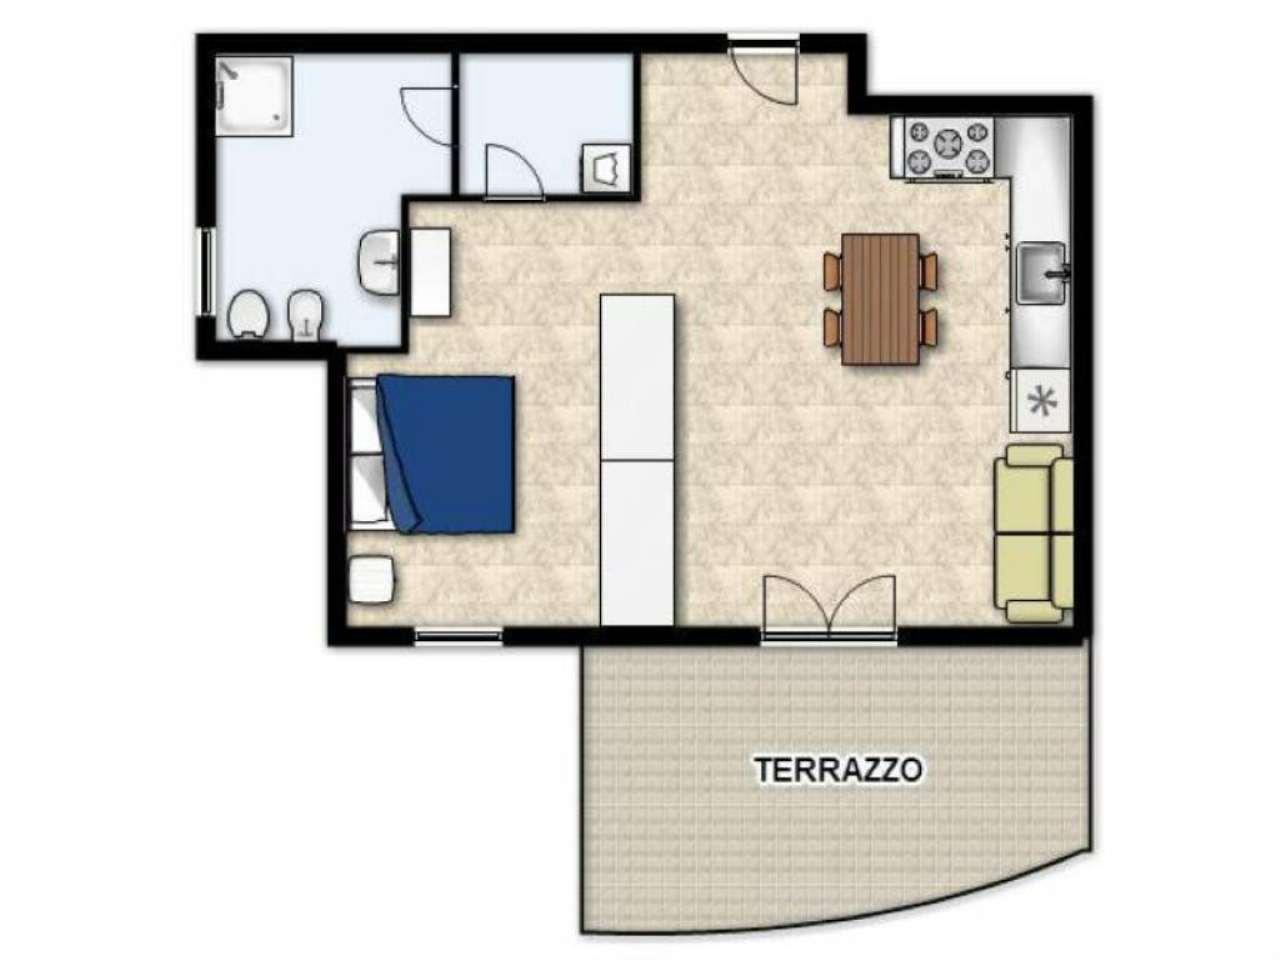 Appartamento in vendita a Castel Maggiore, 1 locali, prezzo € 124.000 | Cambio Casa.it